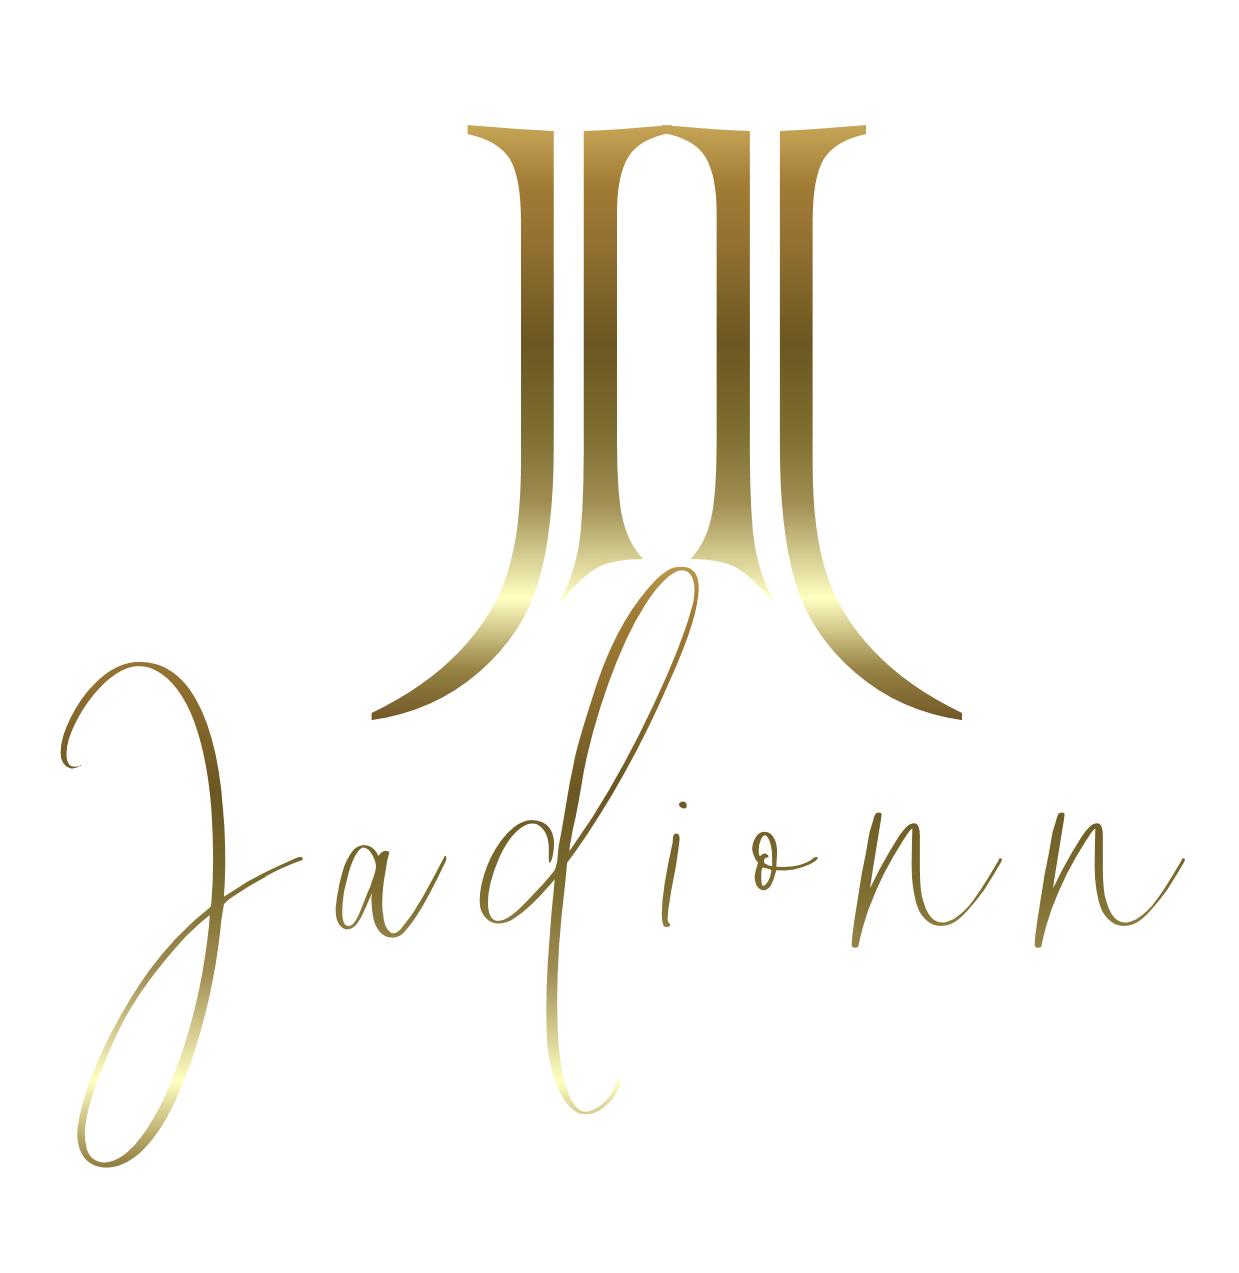 Jadionn